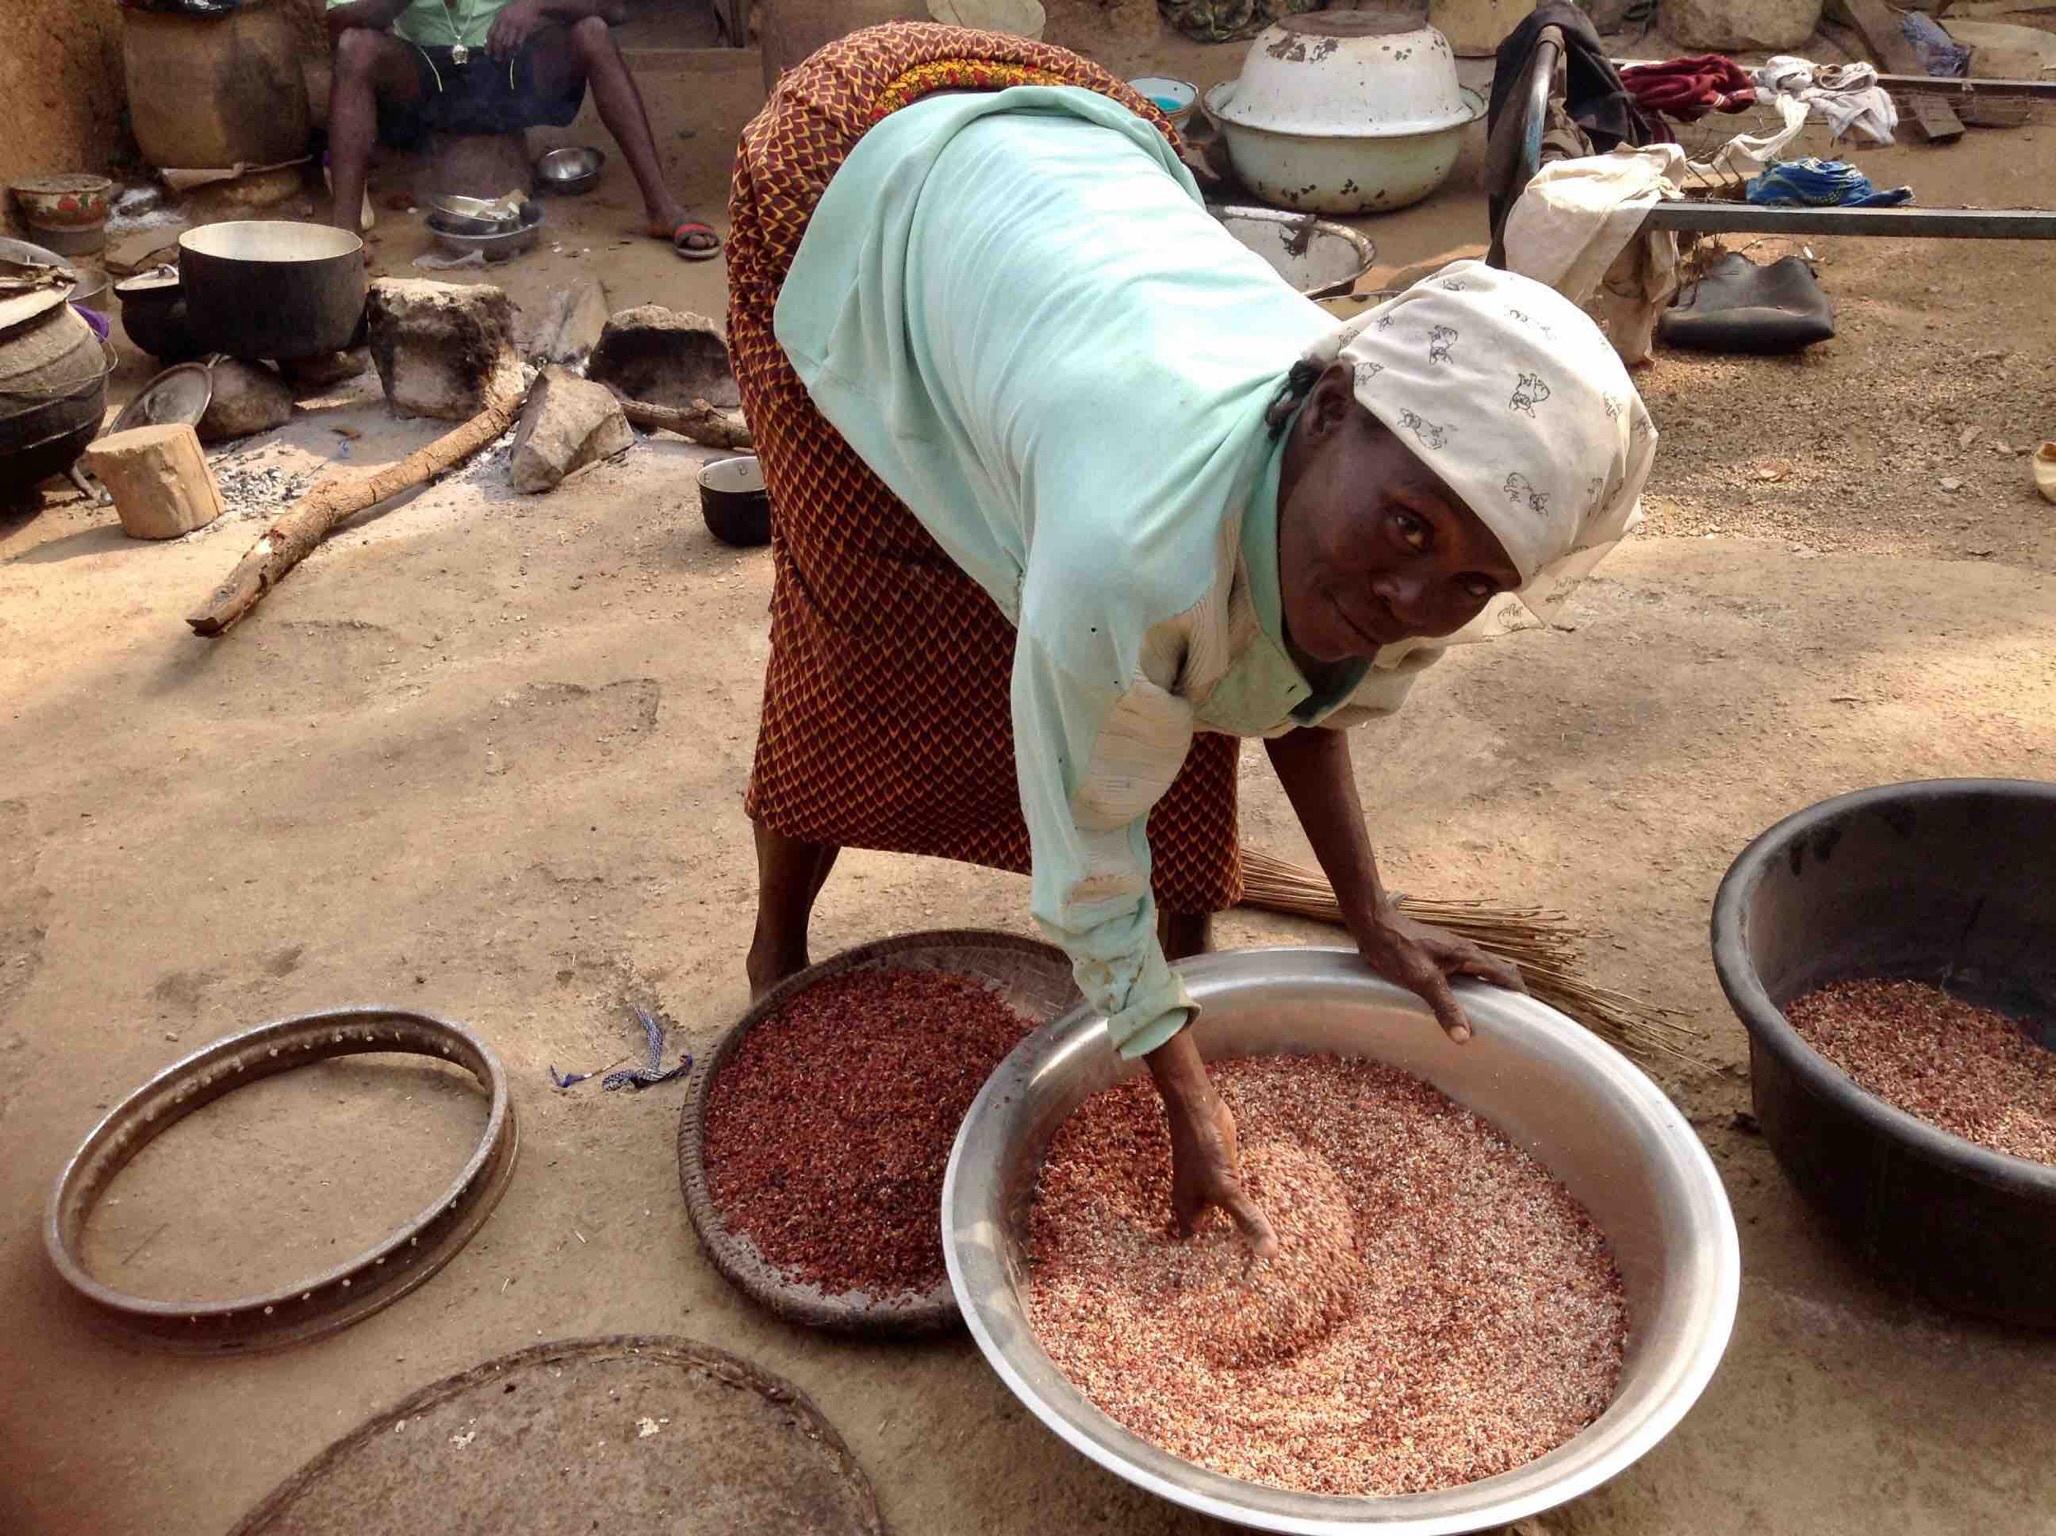 Eggon woman sifting maize in Langa Langa Village, Nasarawa State, Nigeria. #JujuFilms